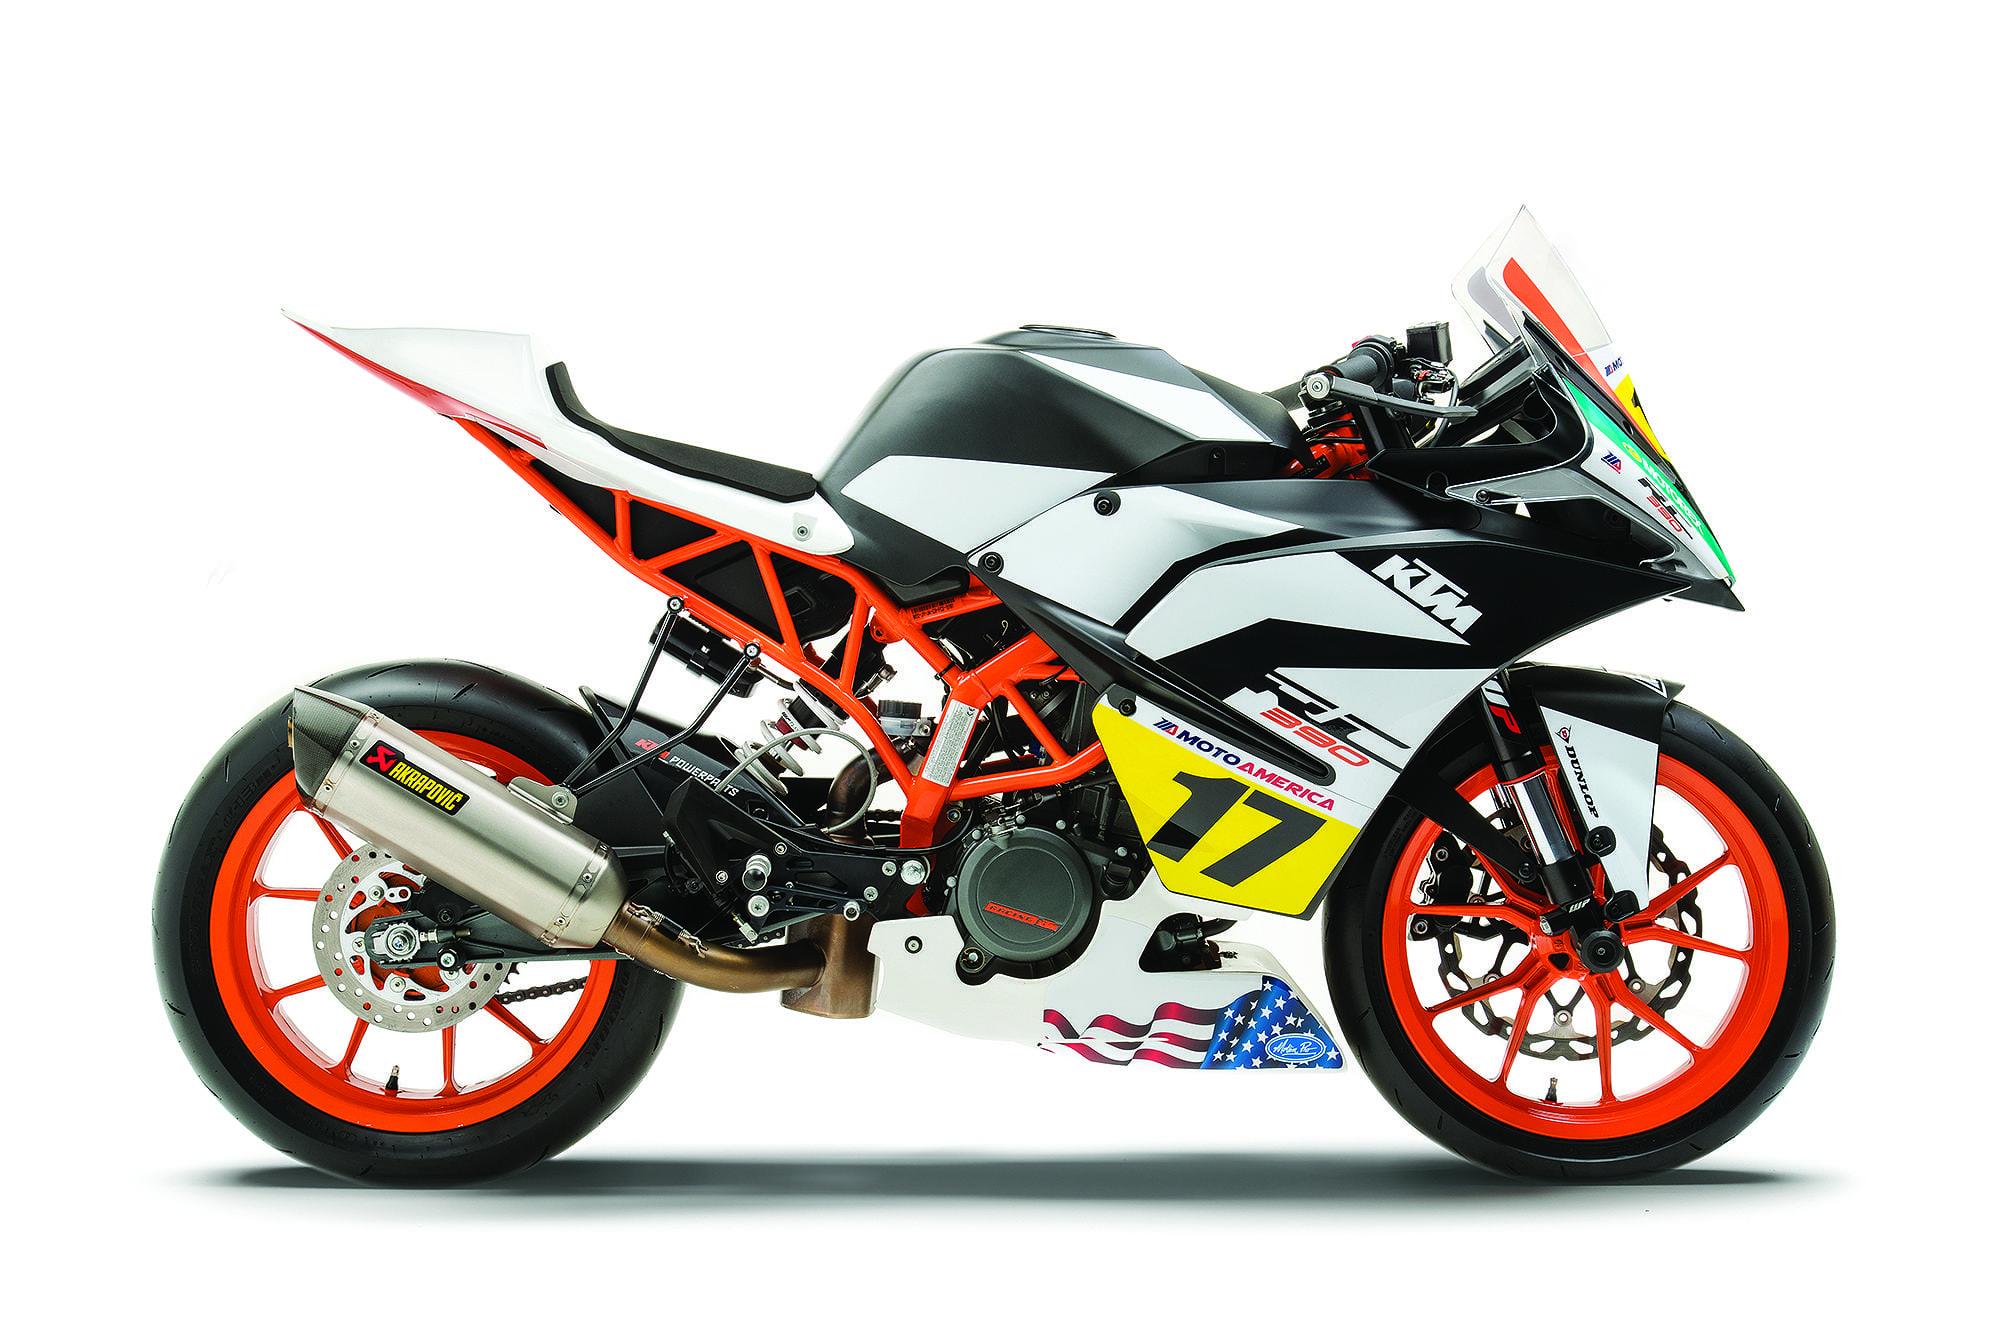 2017 KTM Racebike RC 390 Cup Motorcycle